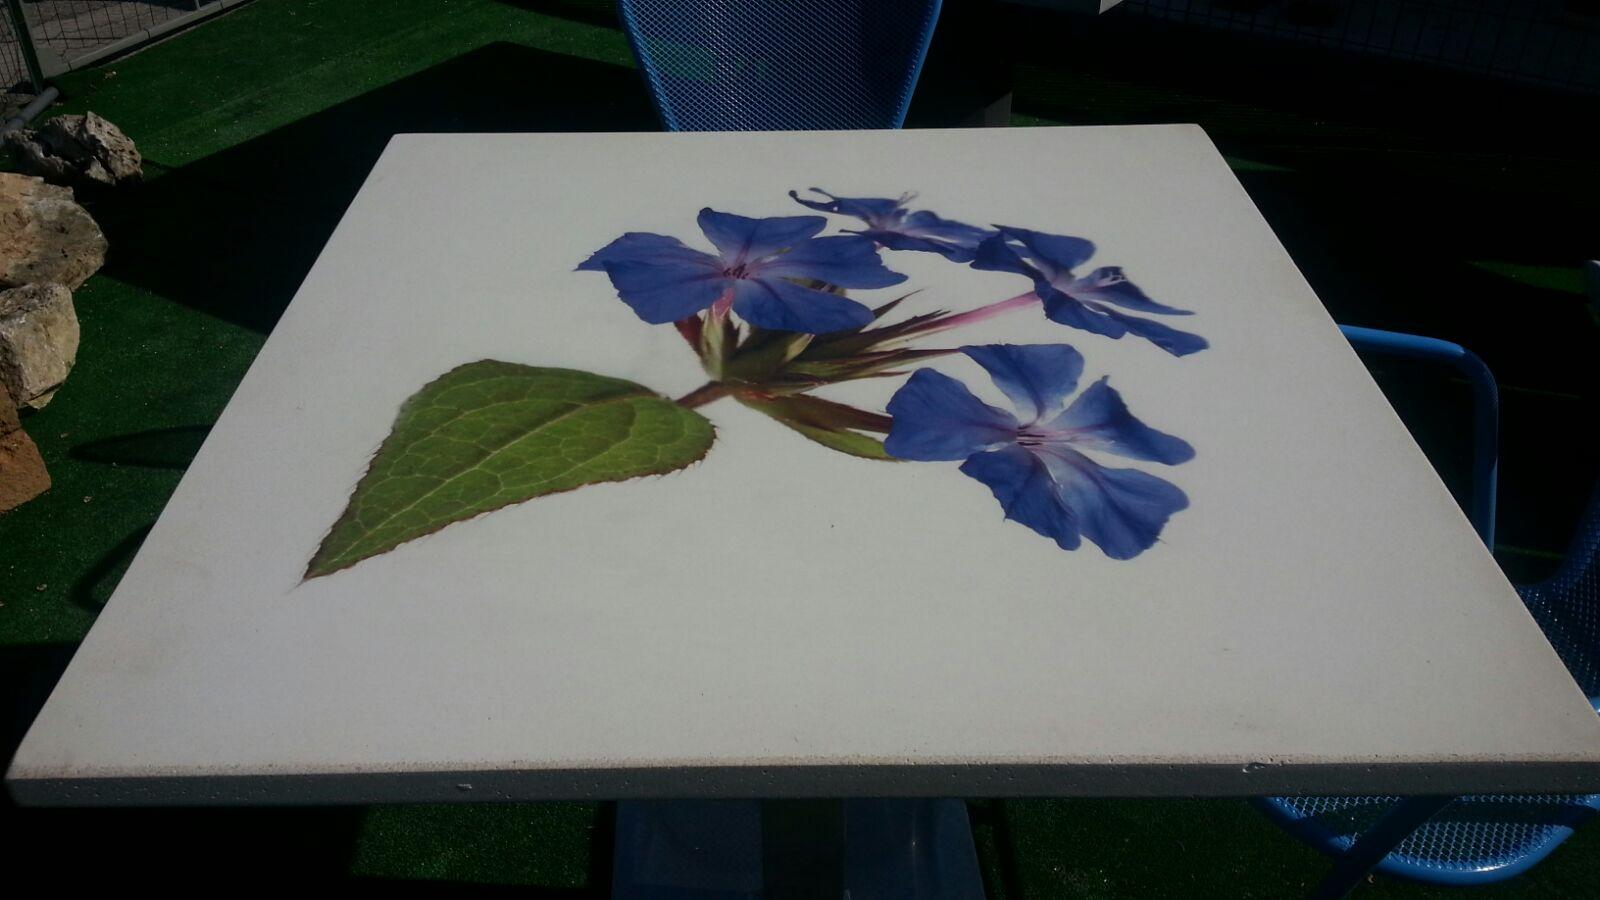 Tavolo in cemento bianco con fiore